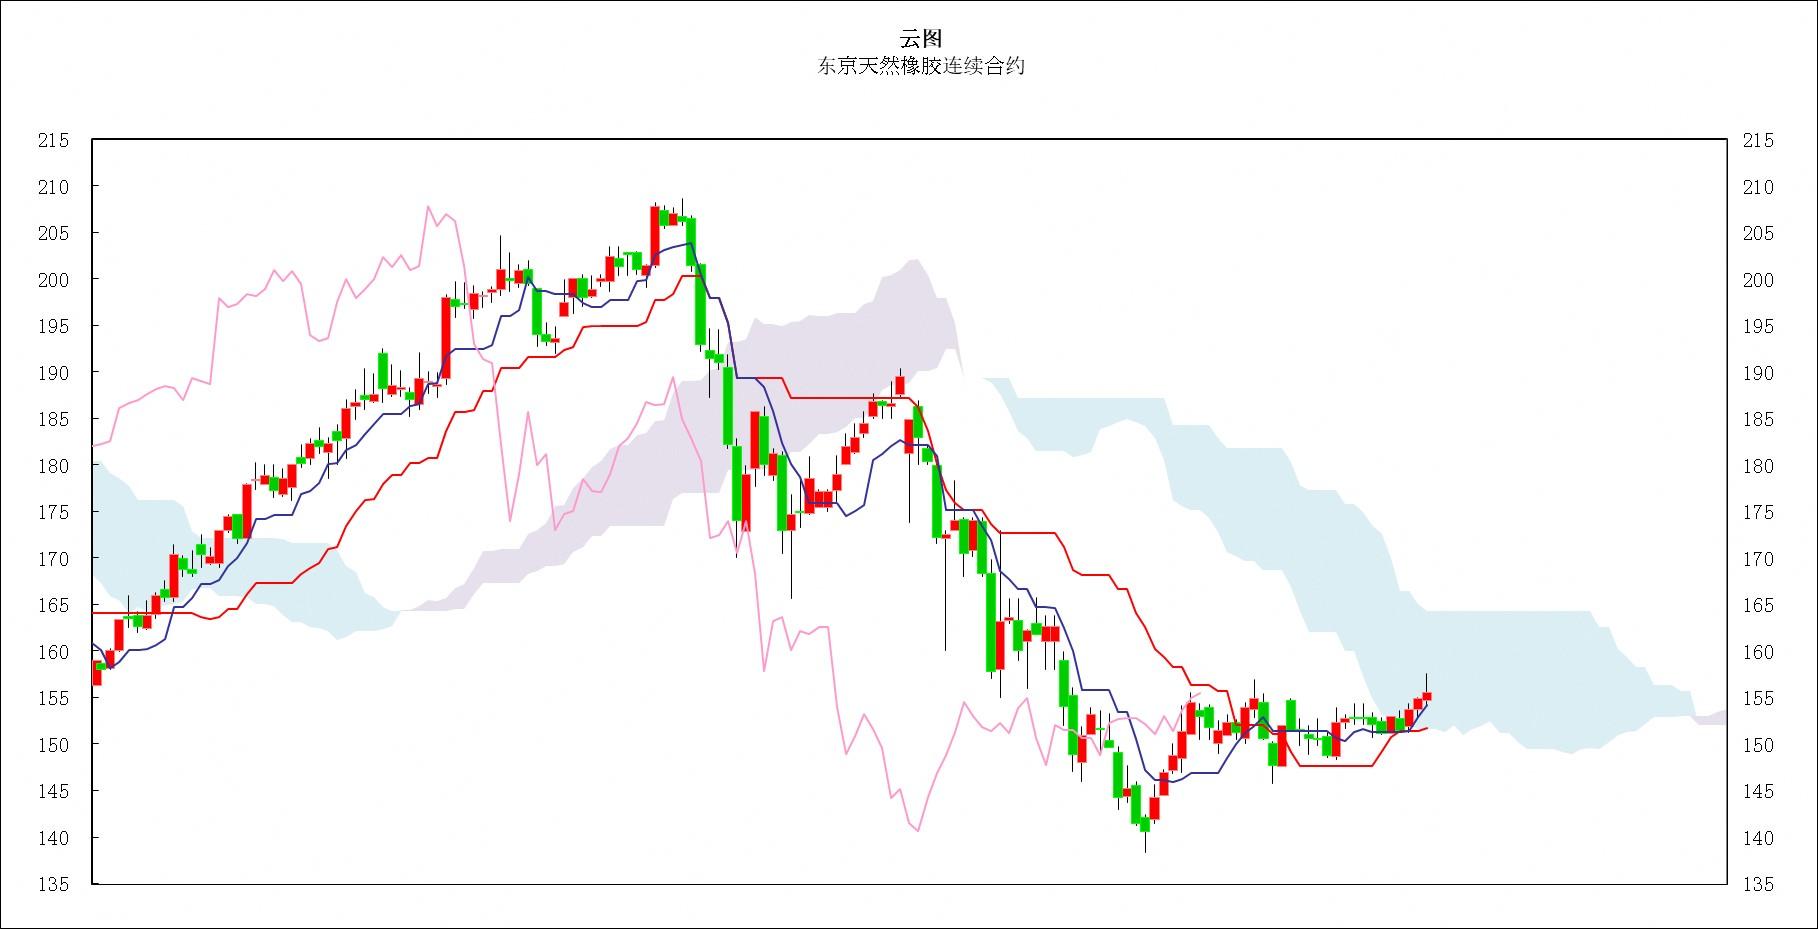 日本商品市场日评:东京黄金回落,橡胶向上突破